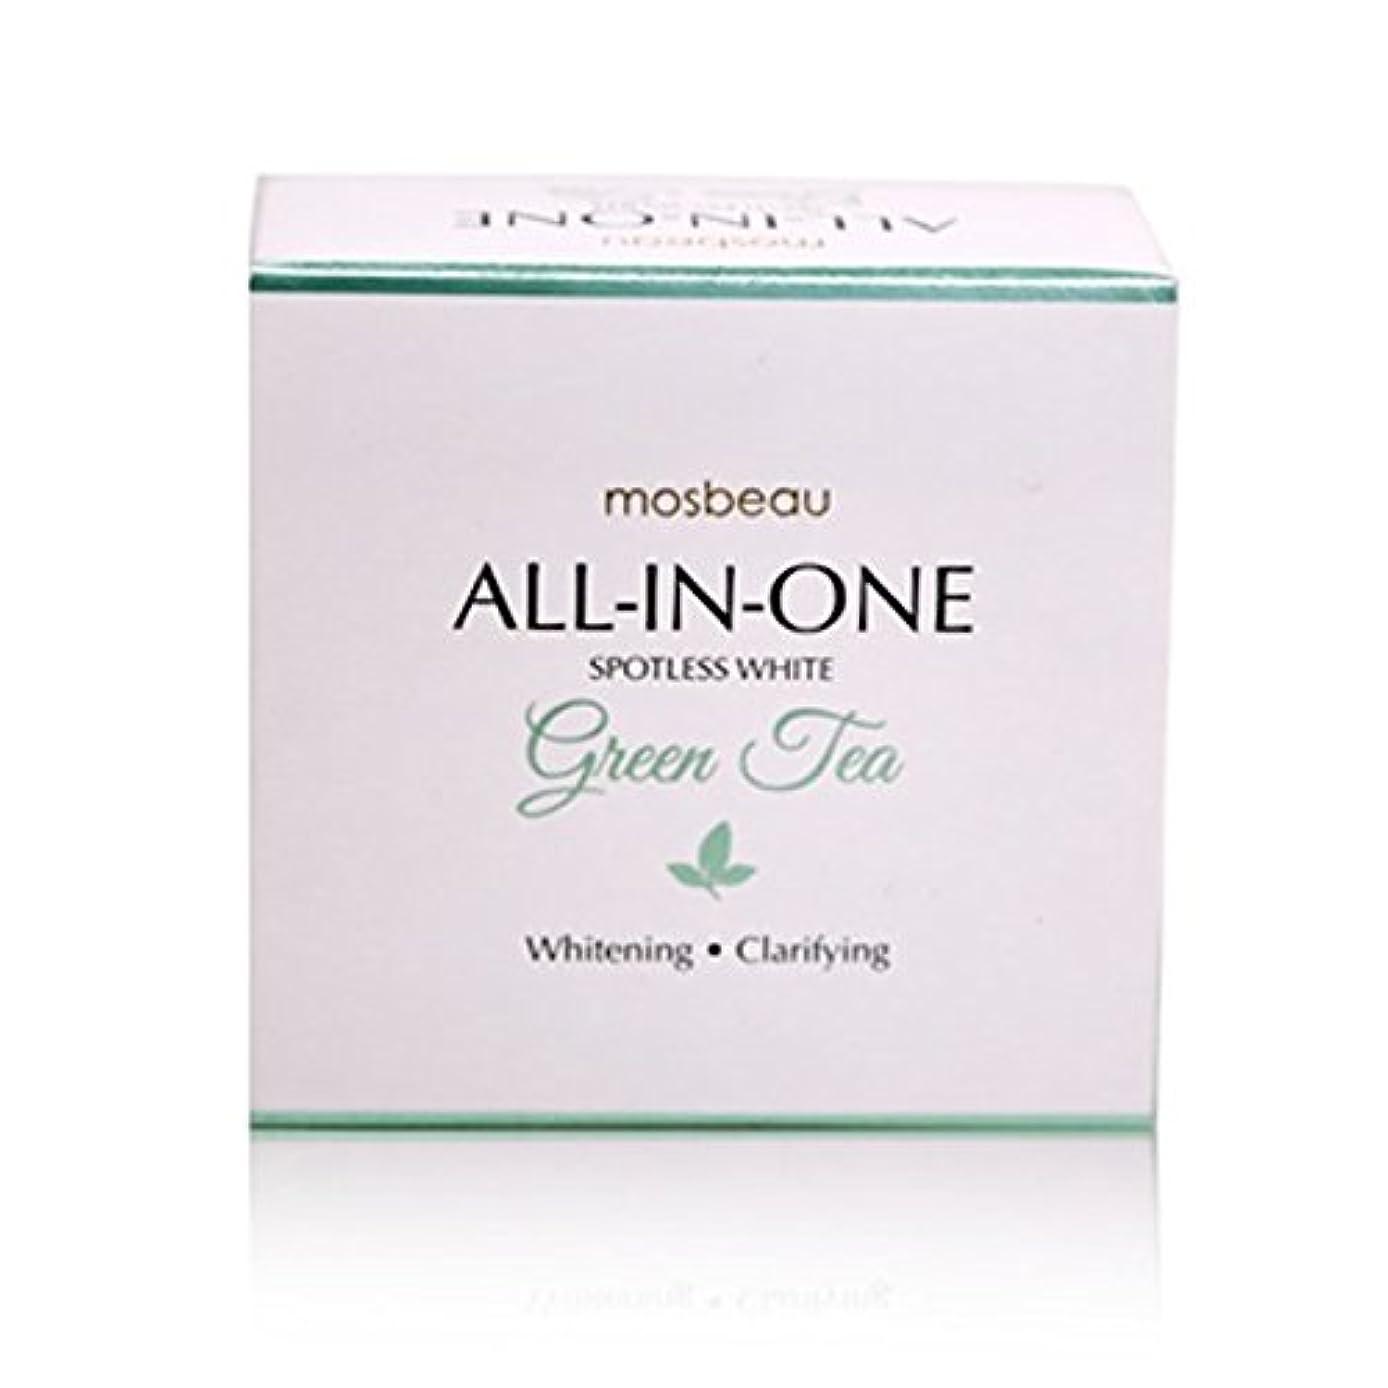 影のある簿記係ギネスmosbeau Spotless White GREEN TEA Facial Soap 100g モスビュー スポットレス ホワイト グリーンティー フェイシャル ソープ